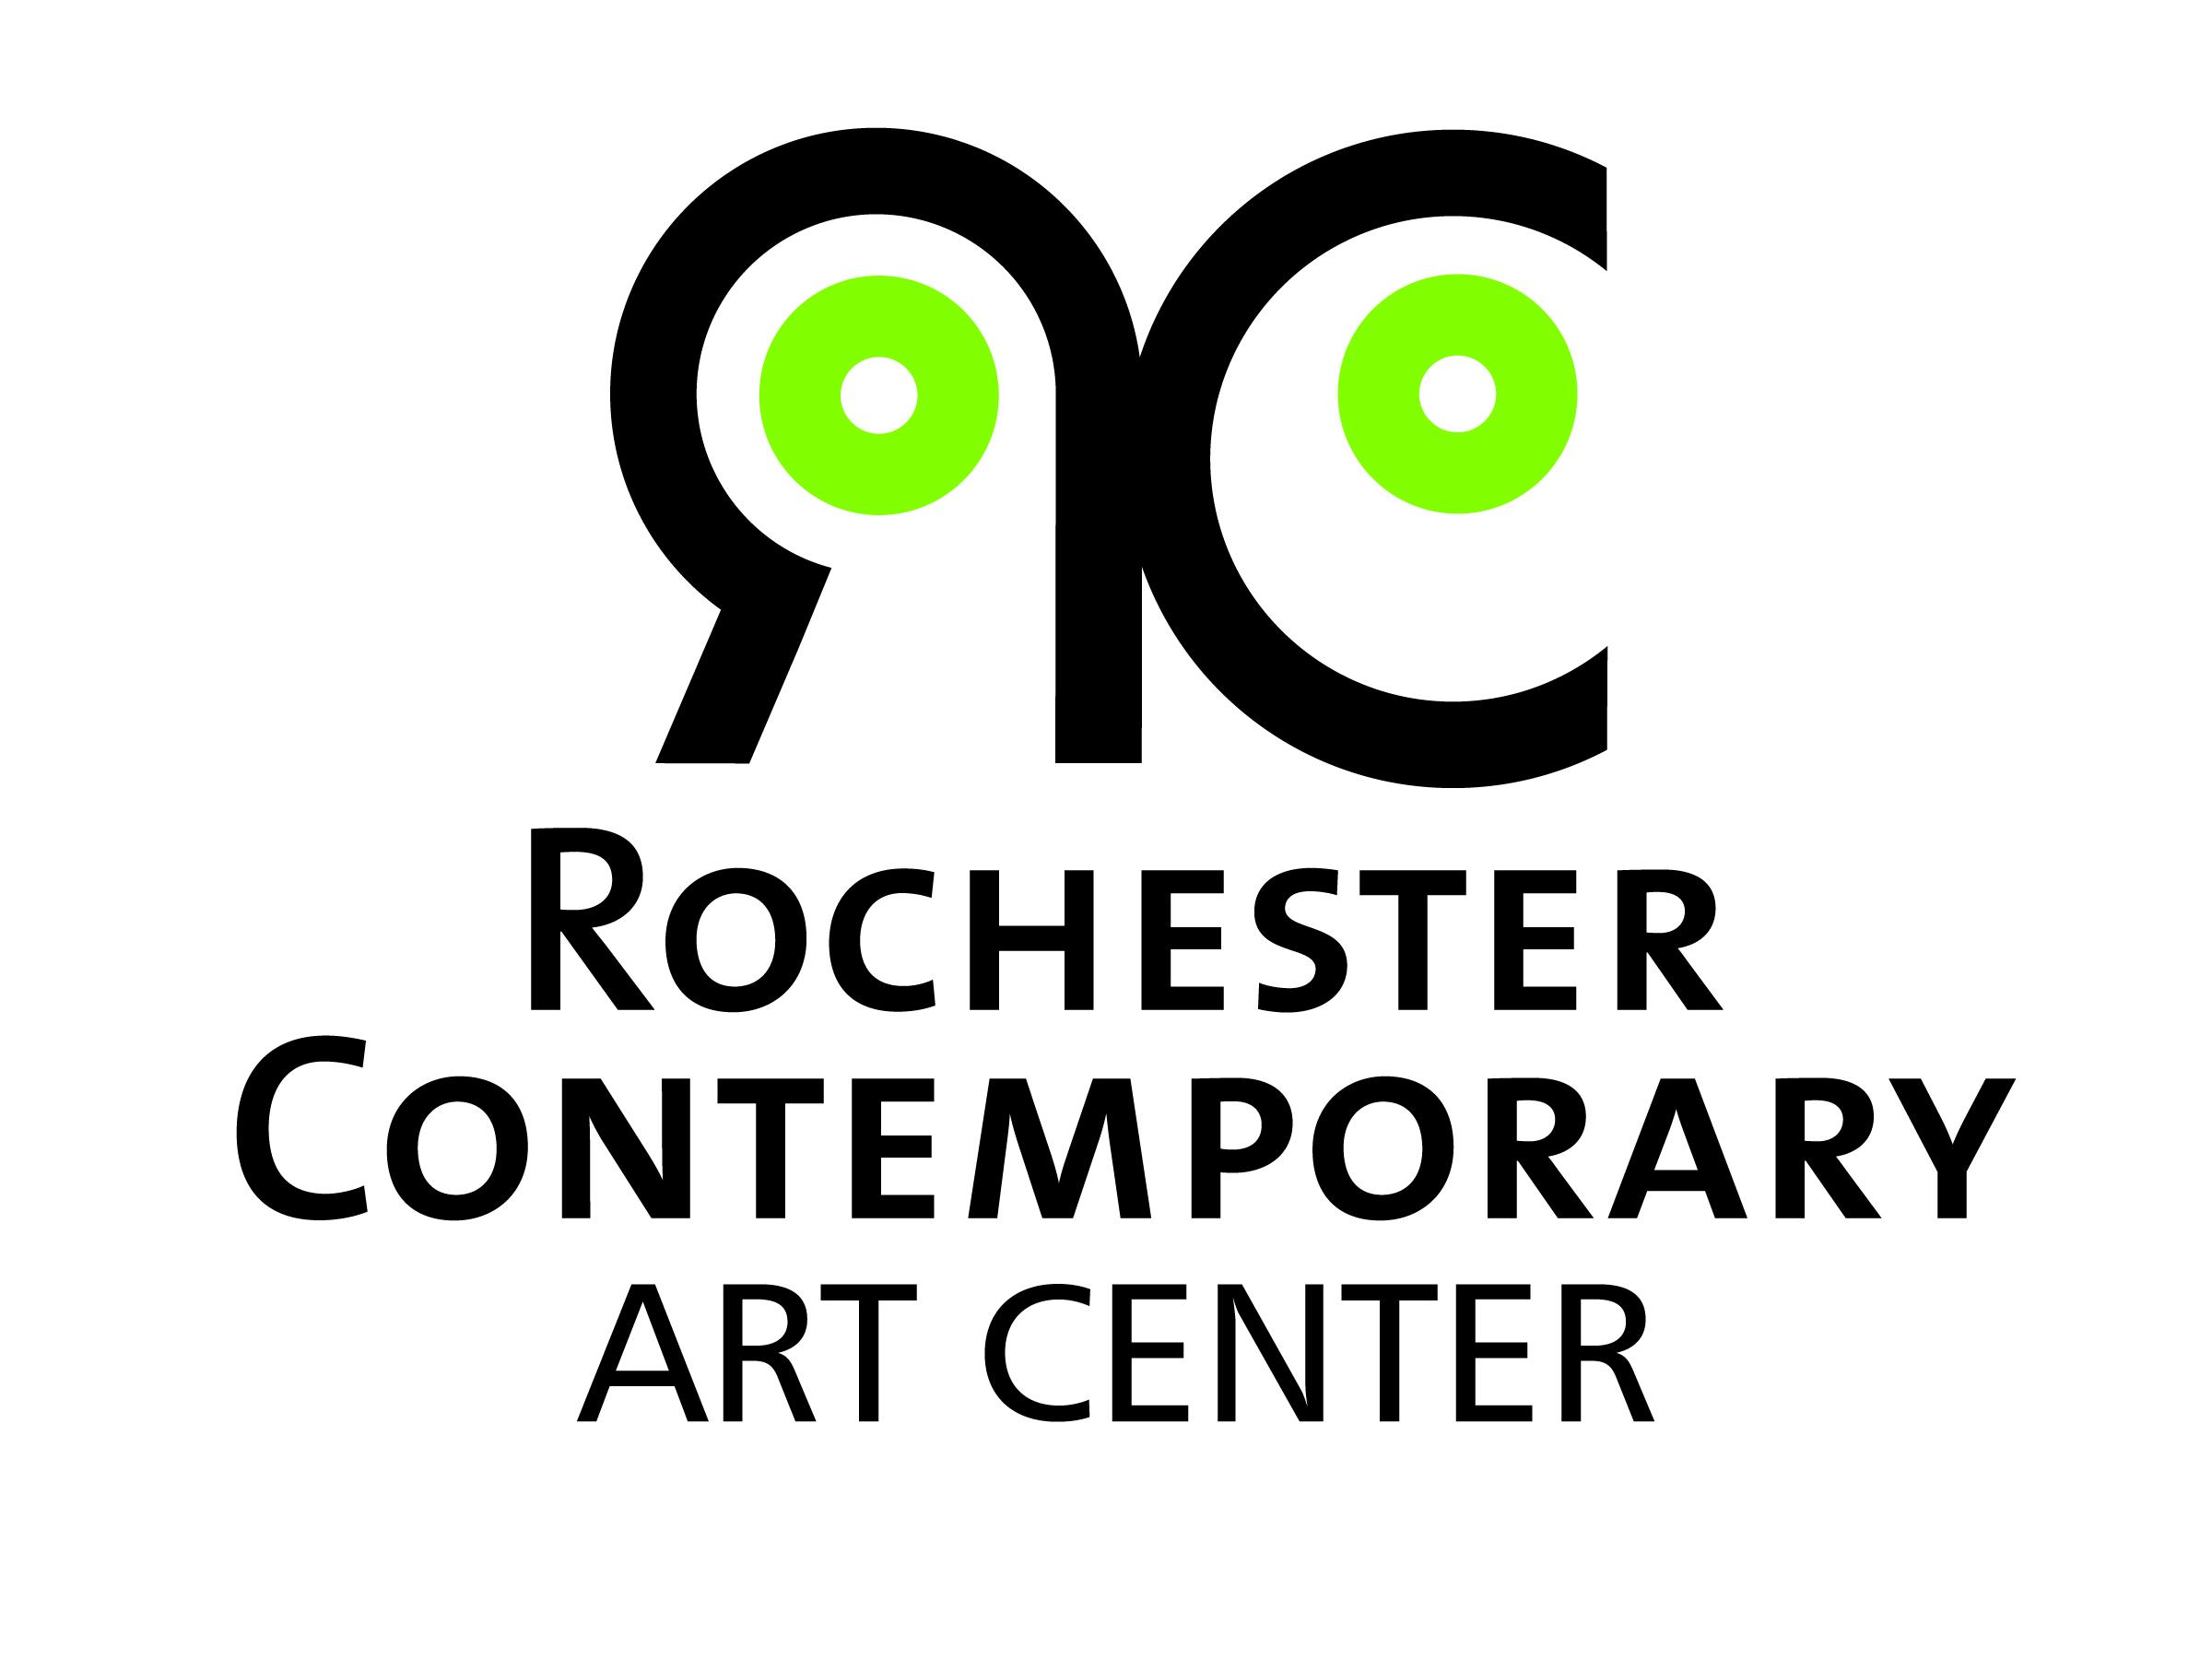 Rochester Contemporary Art Center (RoCo)